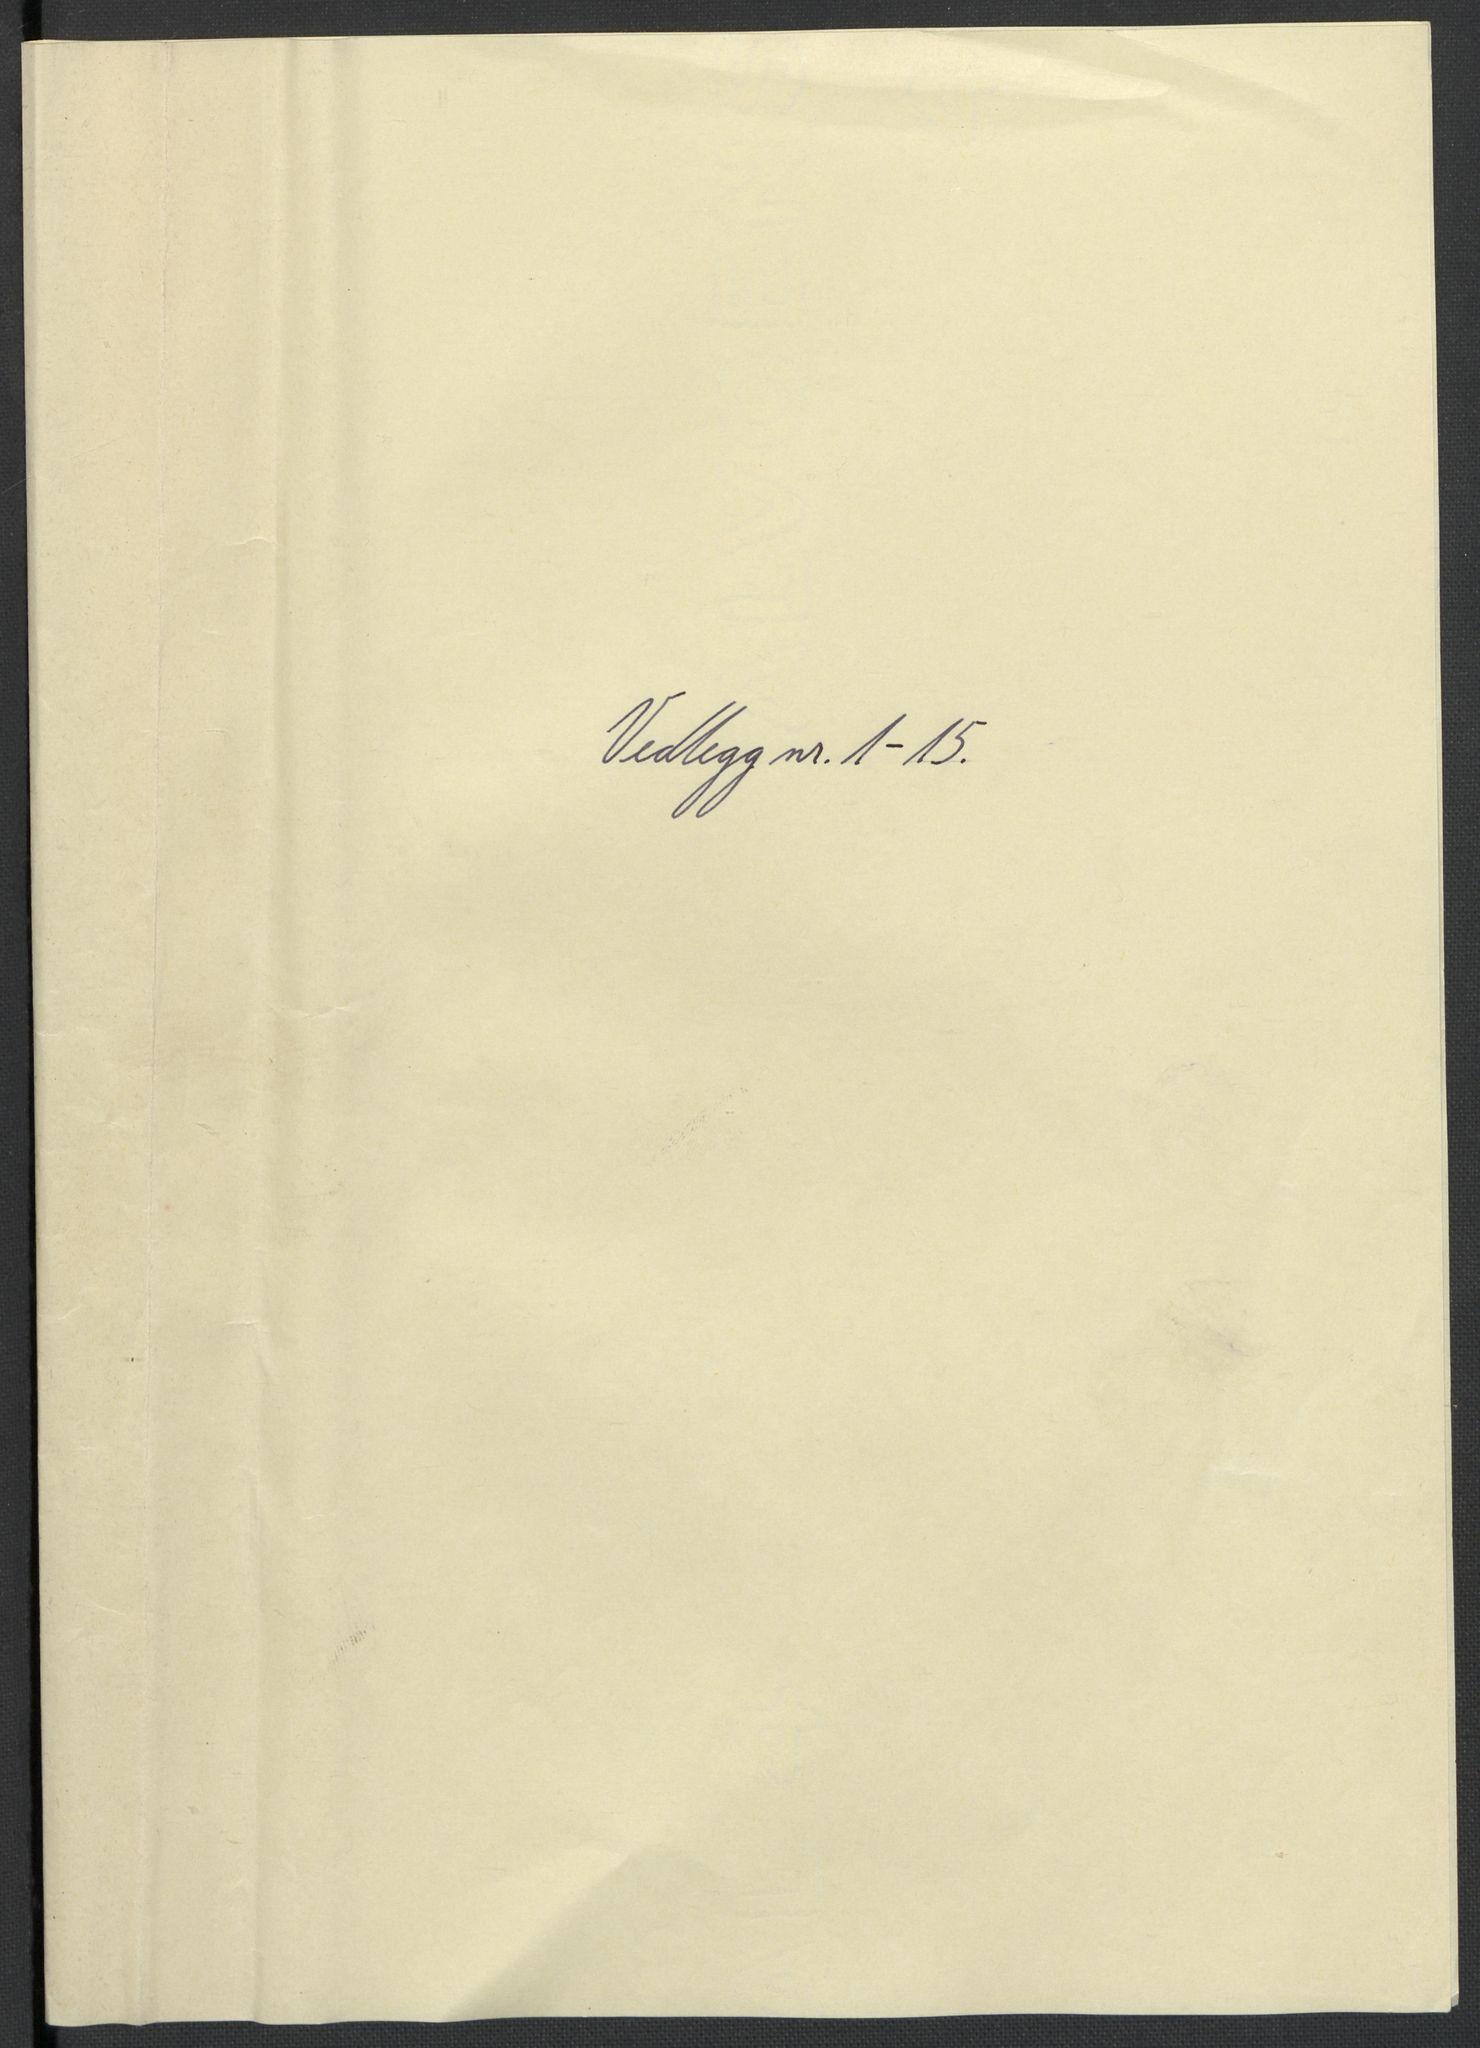 RA, Rentekammeret inntil 1814, Reviderte regnskaper, Fogderegnskap, R59/L3940: Fogderegnskap Gauldal, 1689-1690, s. 372